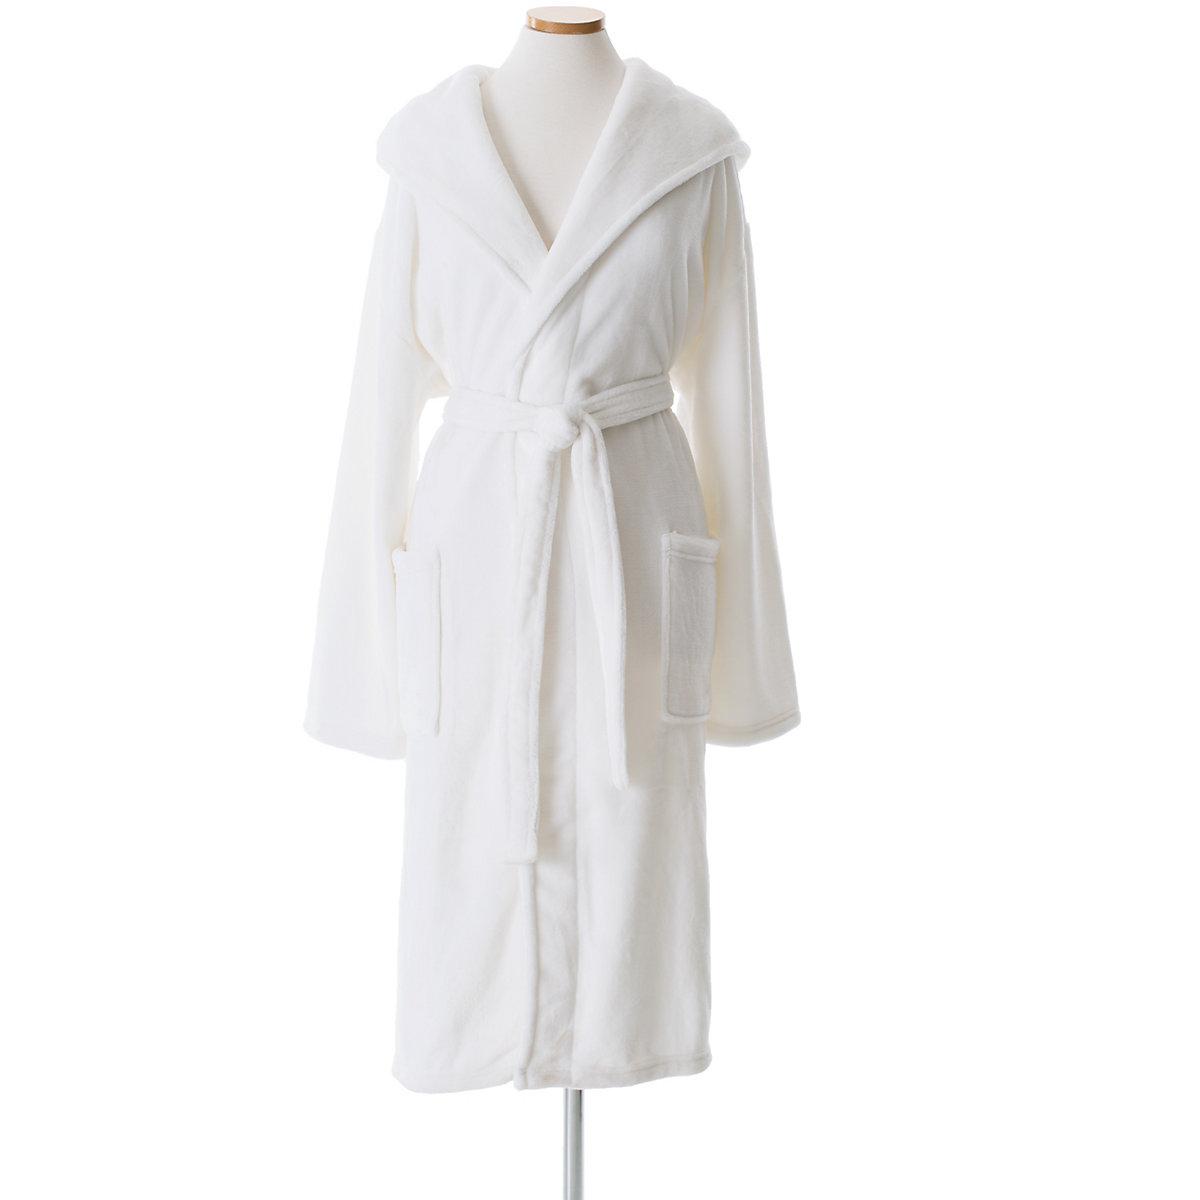 674617b130 Selke Fleece White Hooded Robe